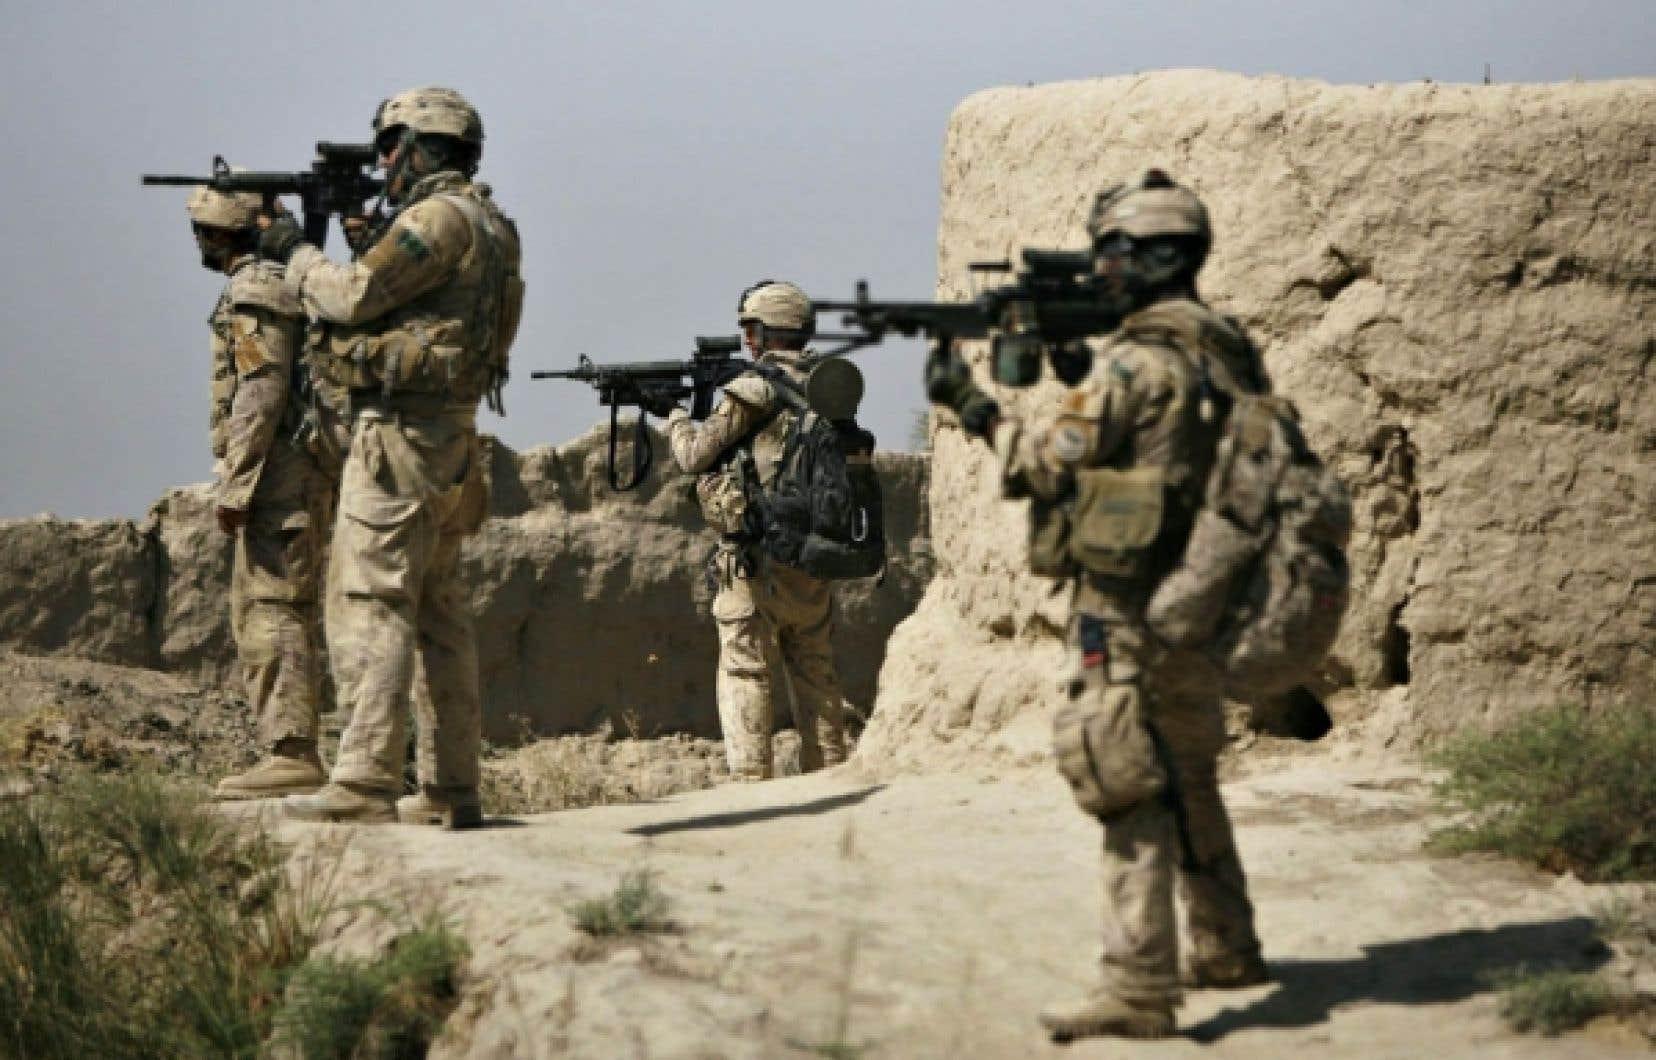 Soldats canadiens en Afghanistan. L'armement est pratiquement le seul secteur d'activité exclu d'emblée de tout investissement socialement responsable.